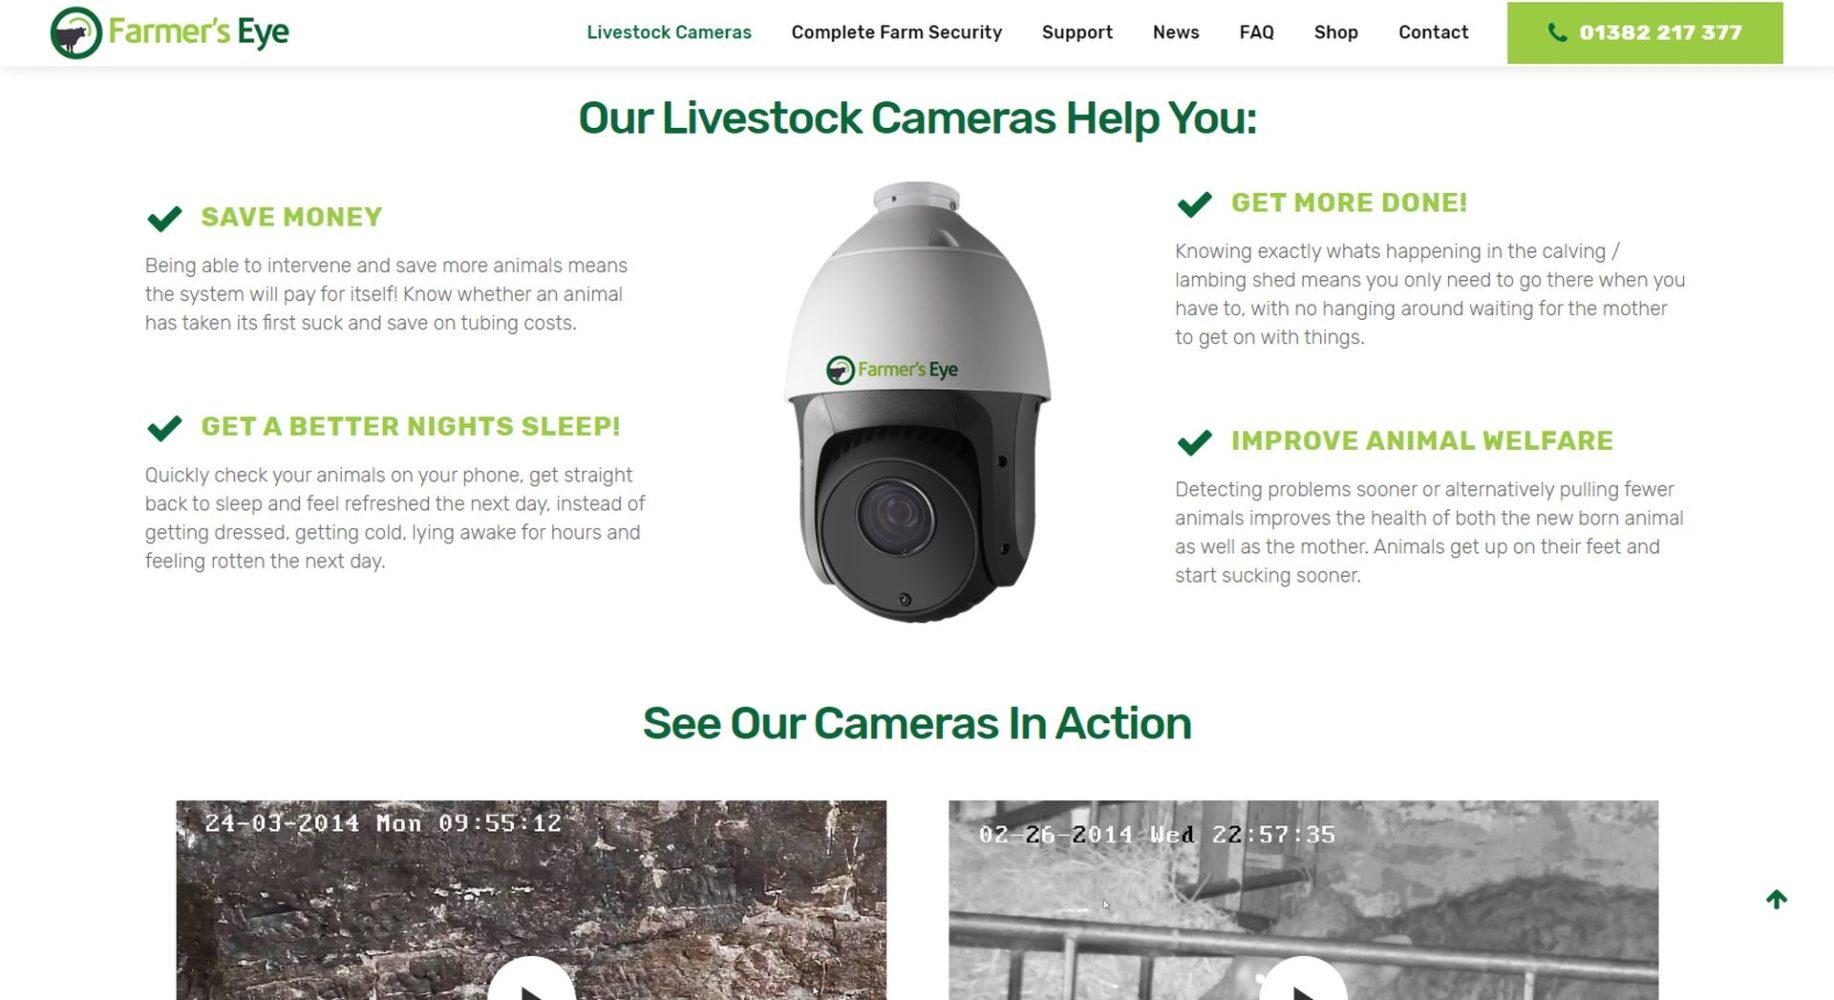 Farmers Eye Camera